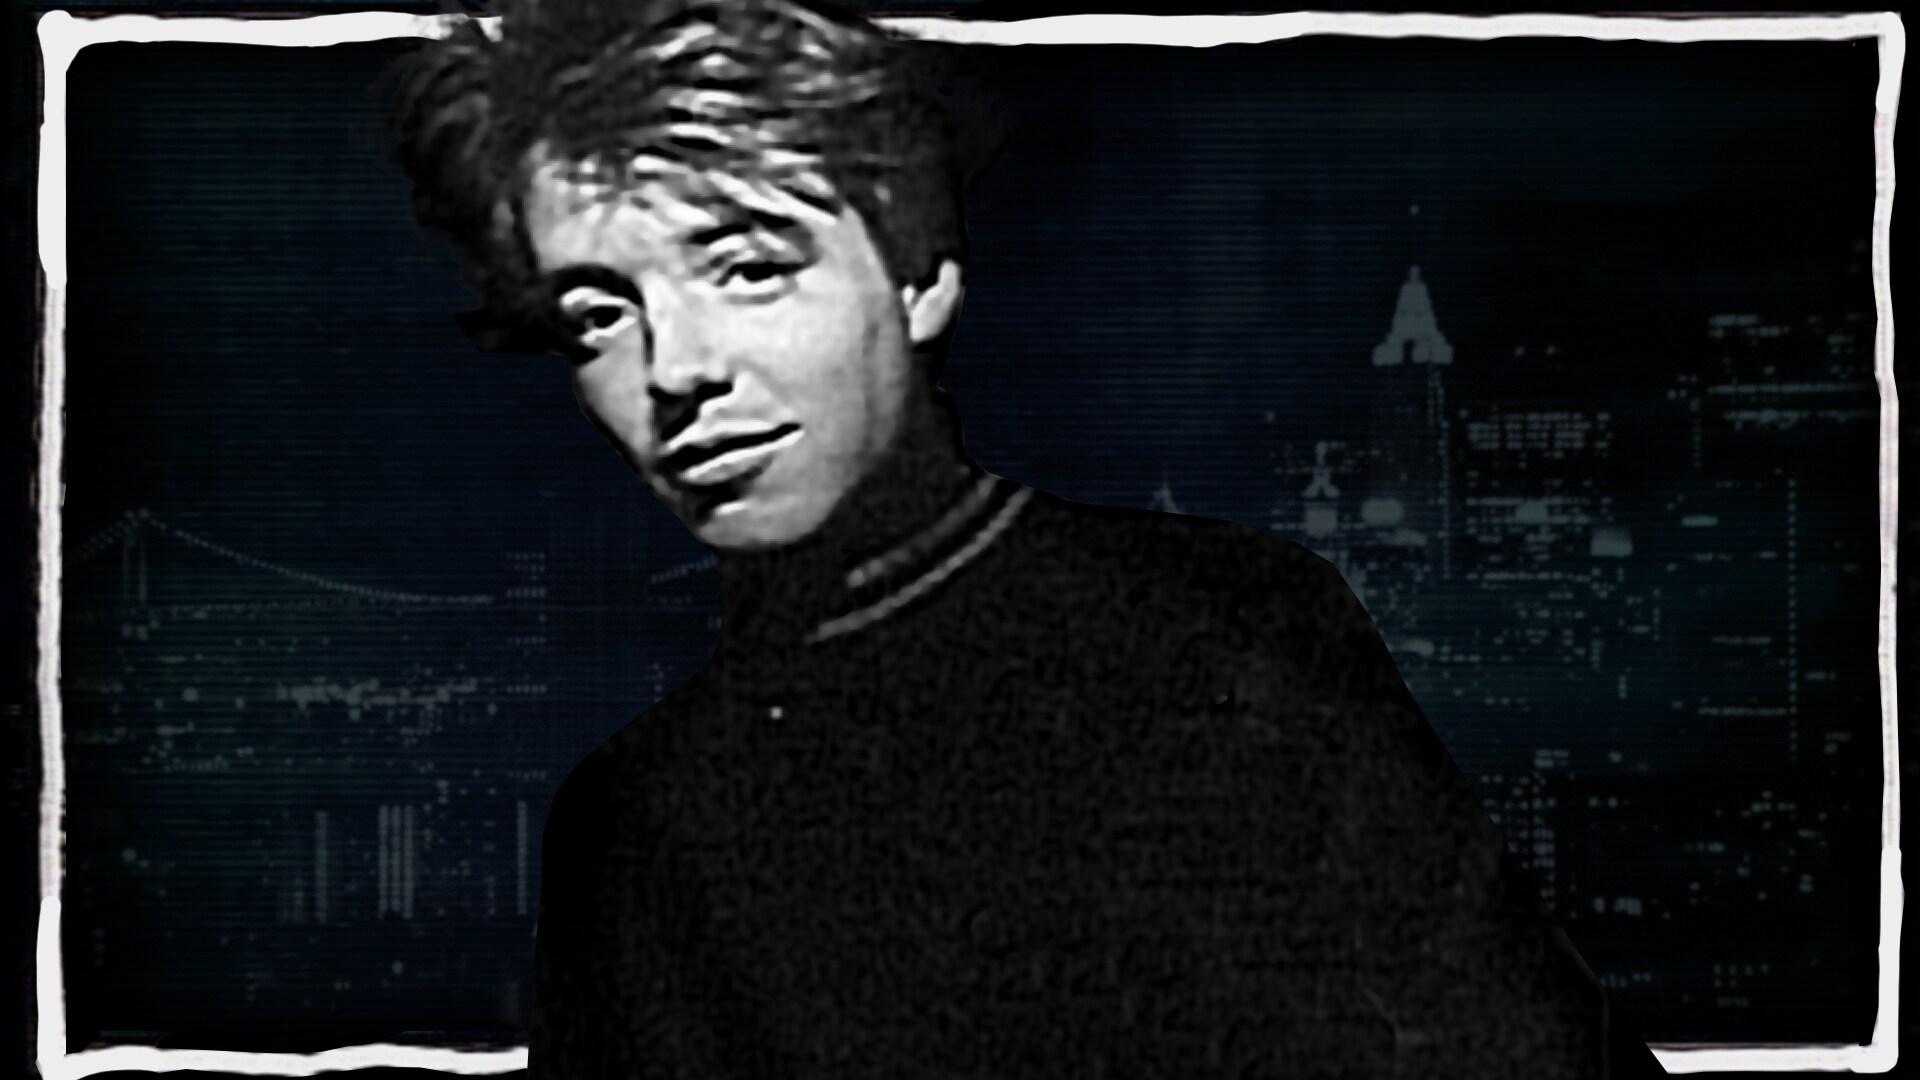 Matthew Broderick: October 15, 1988